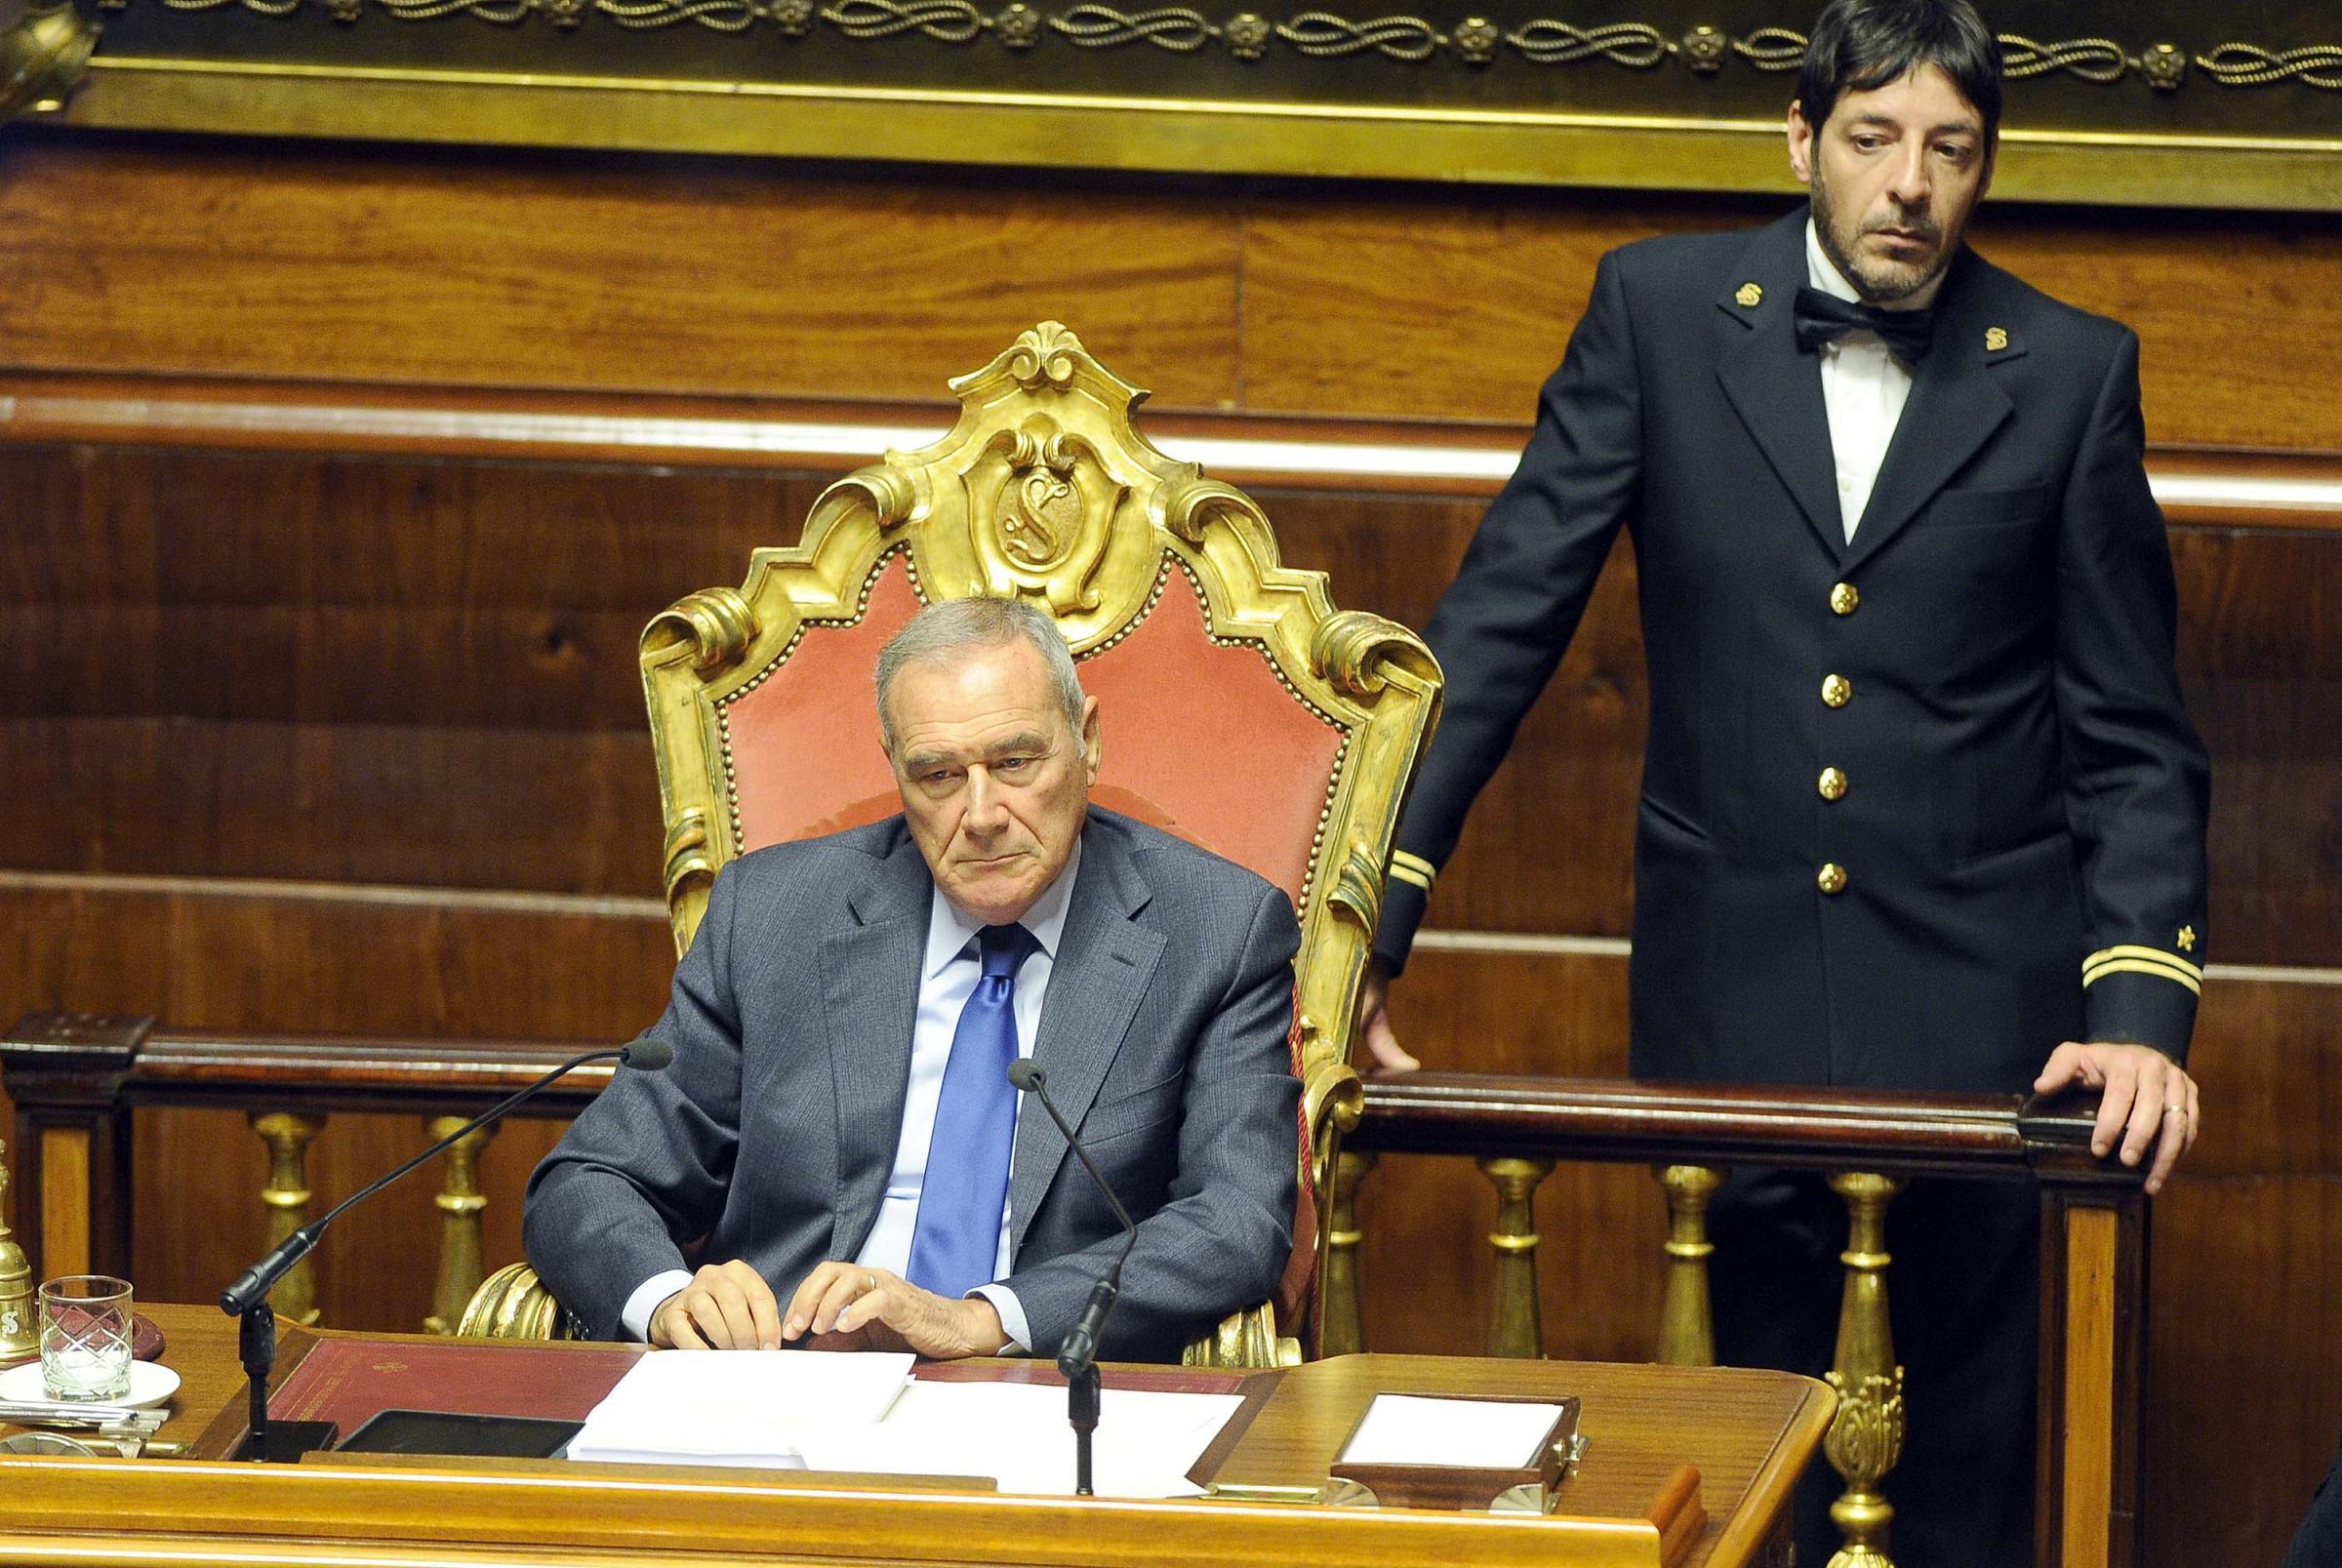 Foto Fabio Cimaglia / LaPresse07–12–2016 RomaSenato. Voto di Fiducia sulla Legge di BilancioNella foto Pietro Grasso